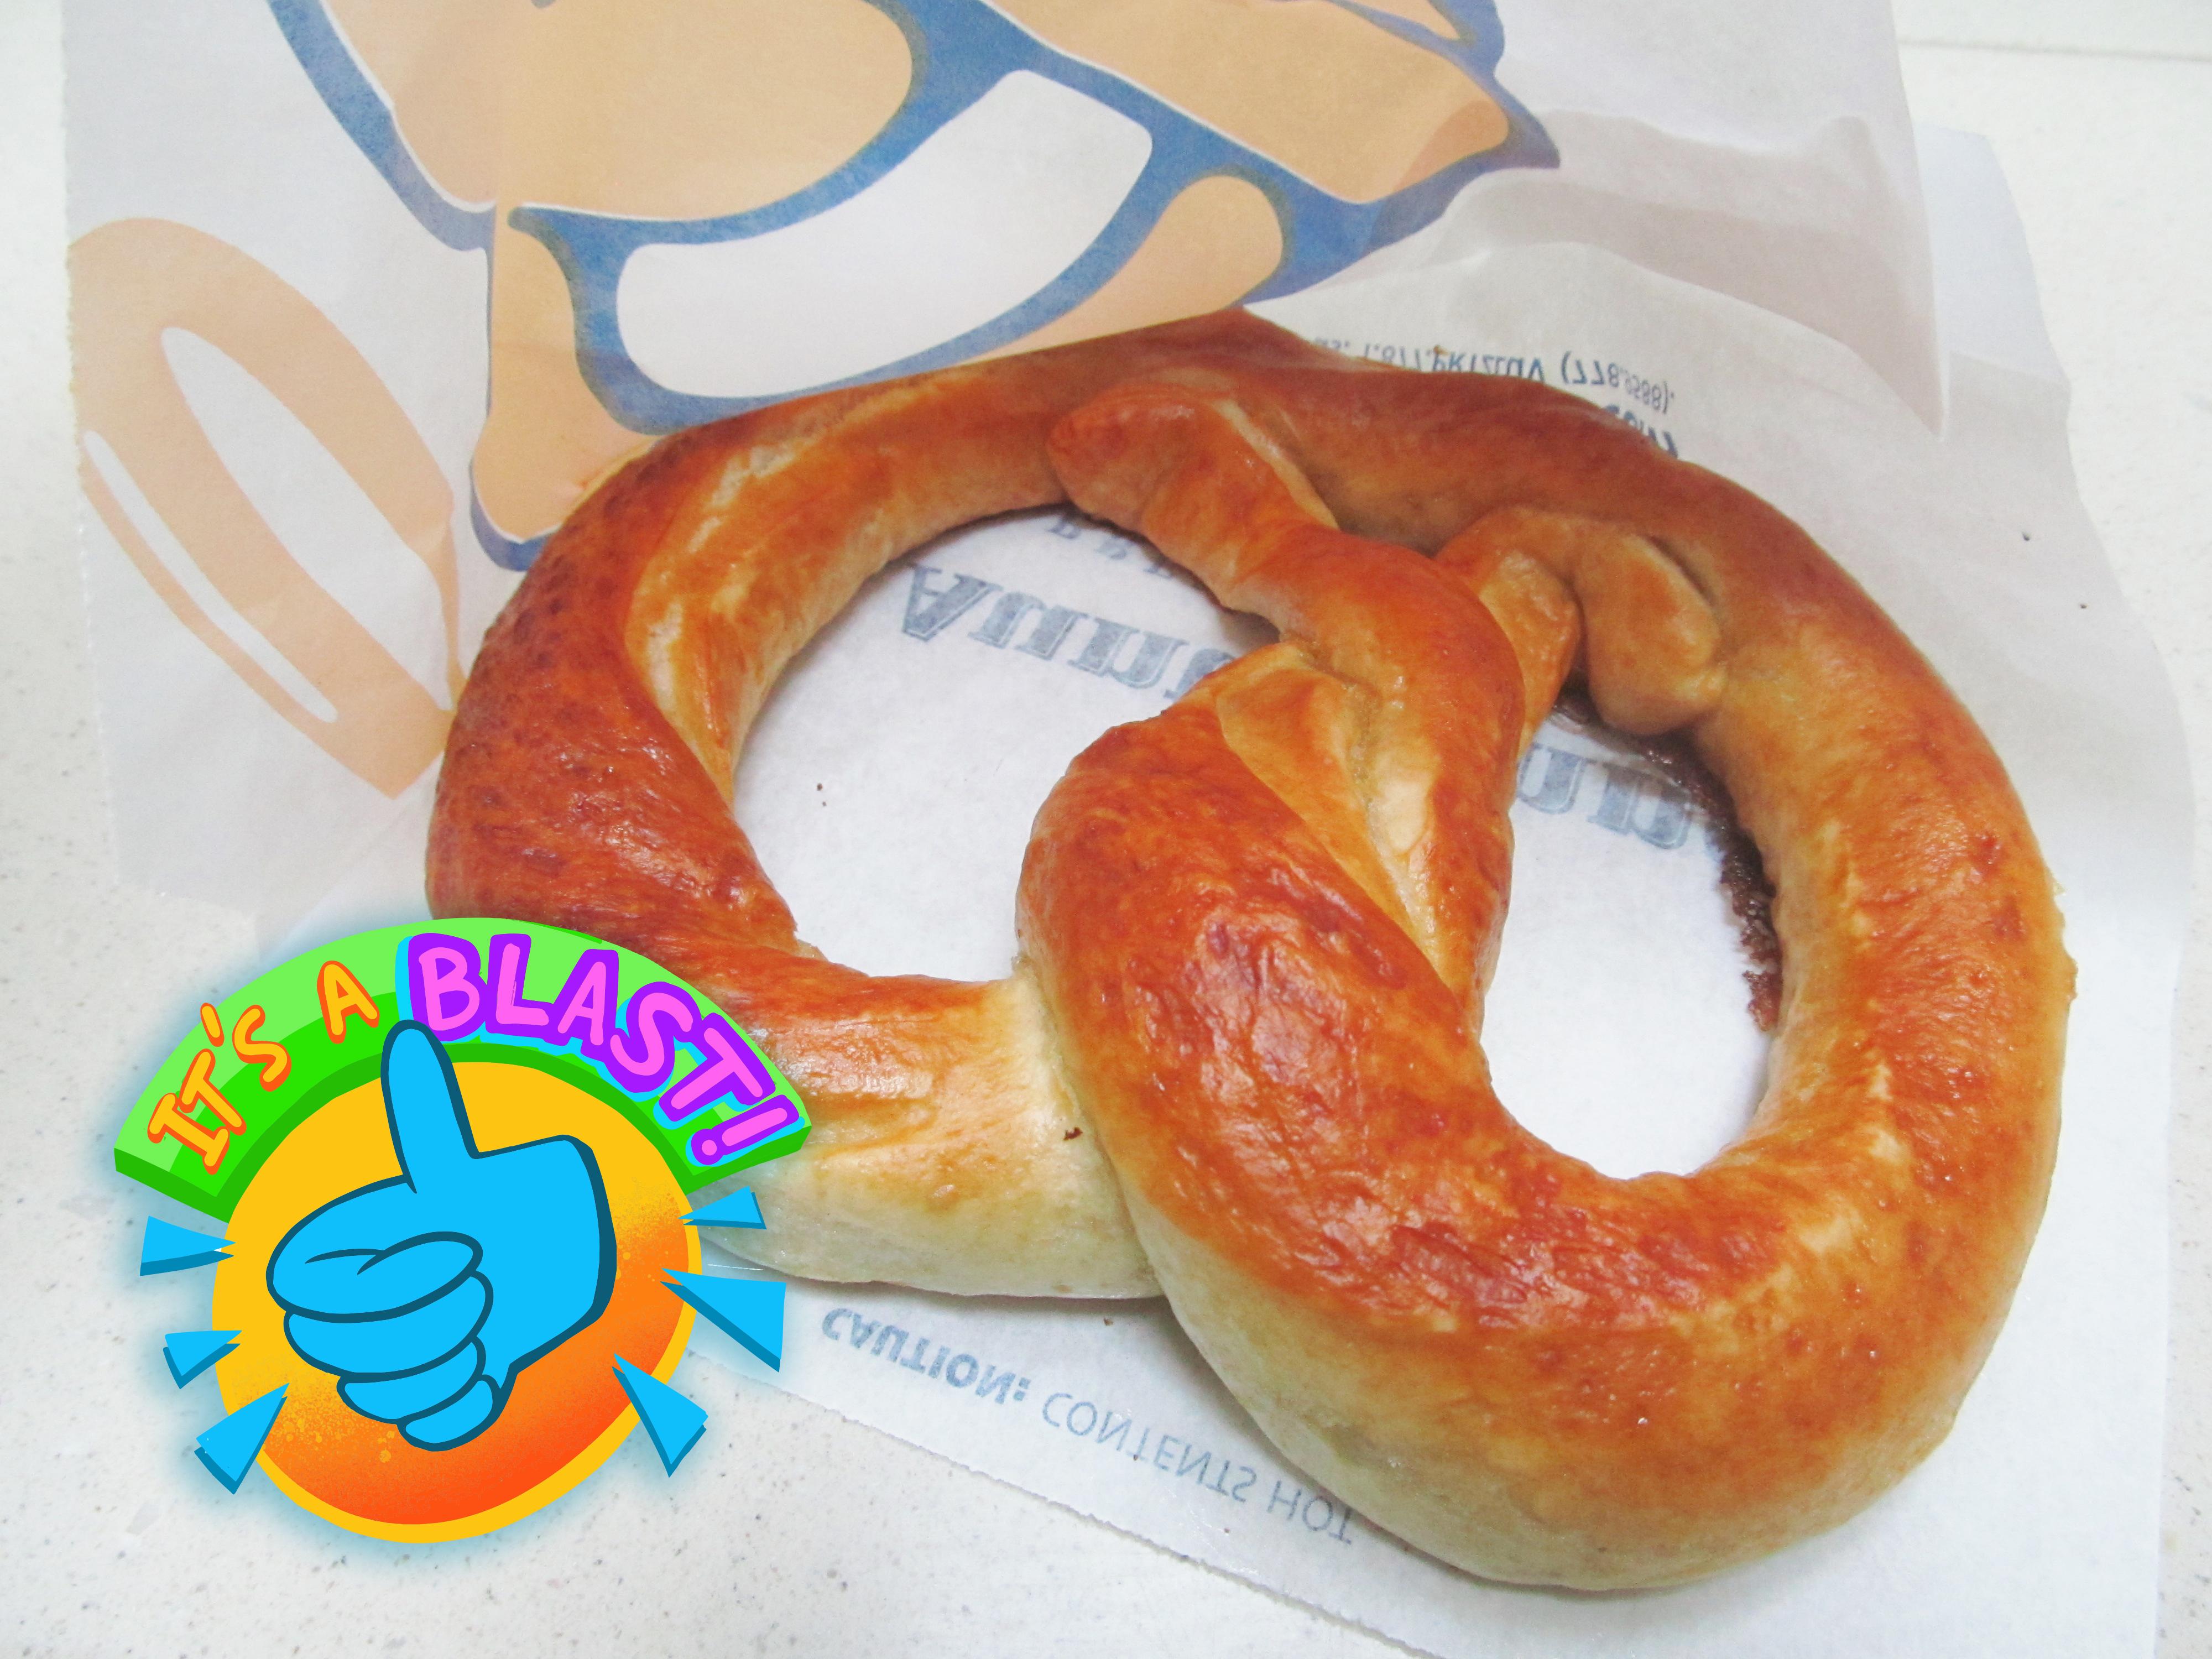 Unsalted pretzel on an Auntie Anne's logo bag.